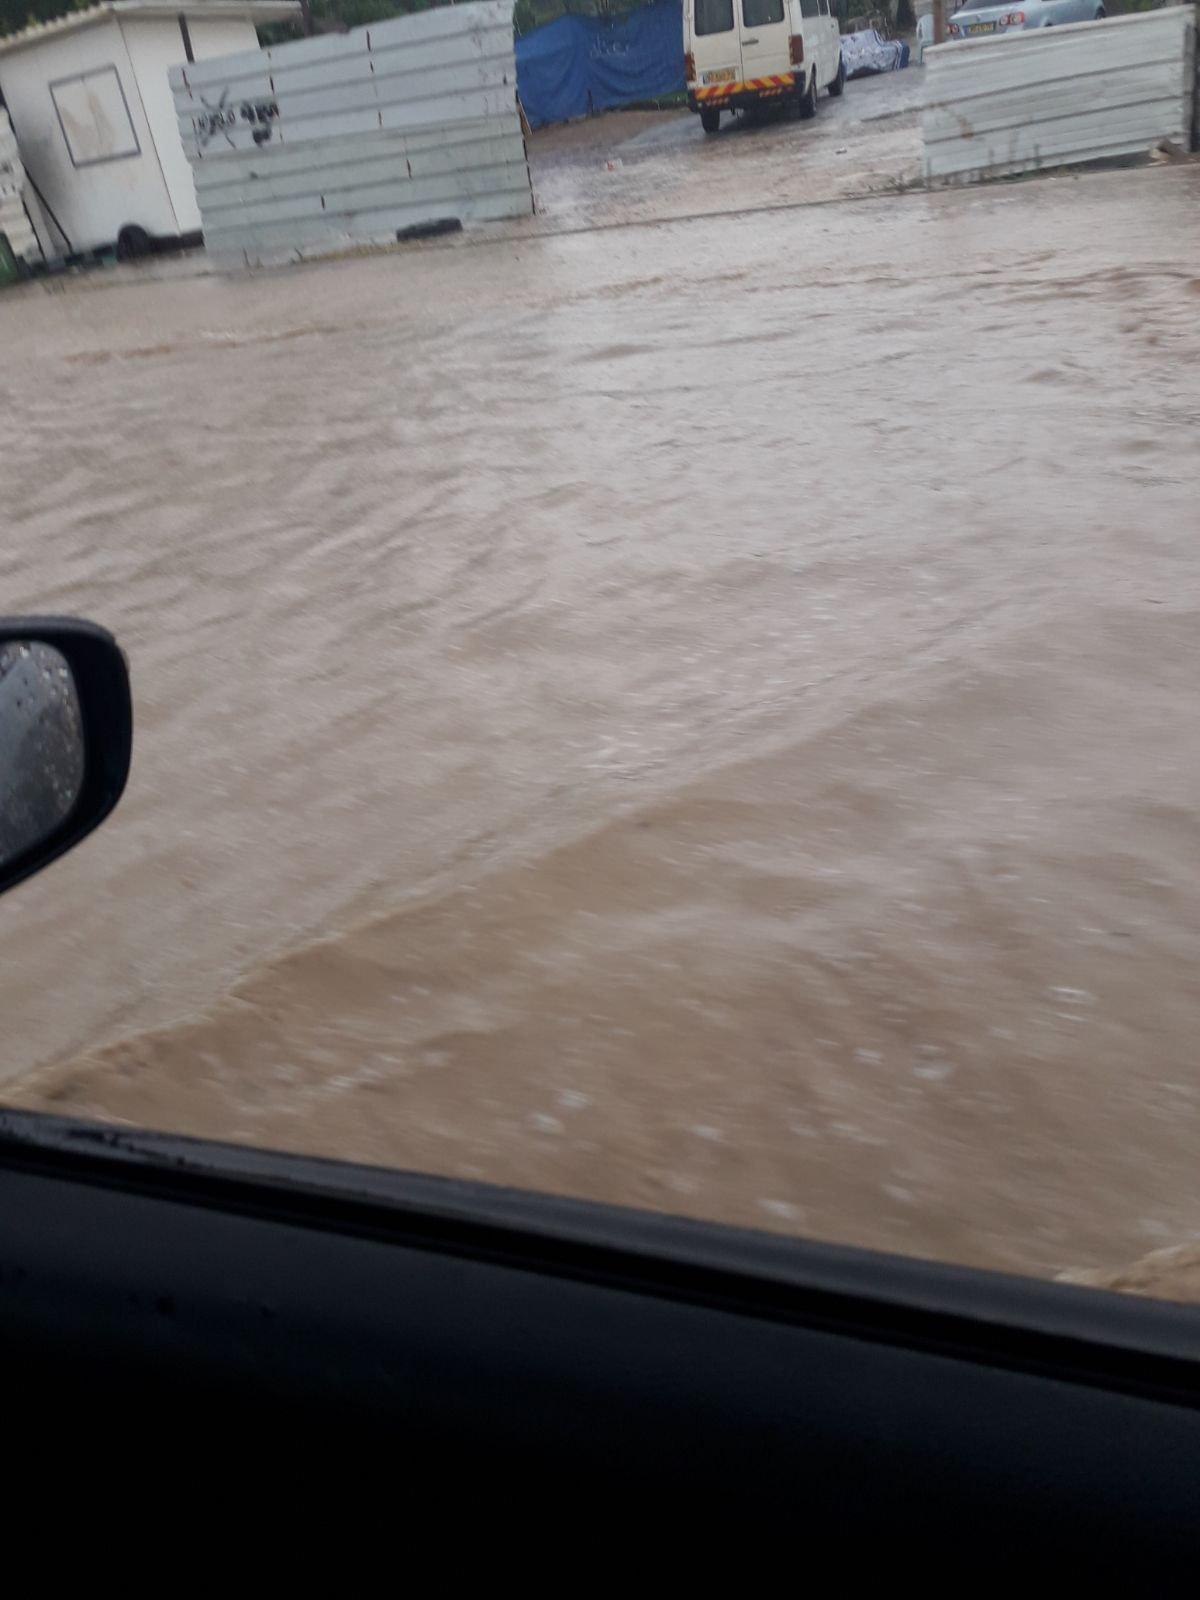 بالصور: غرق شوارع في جنوب البلاد جراء الأمطار